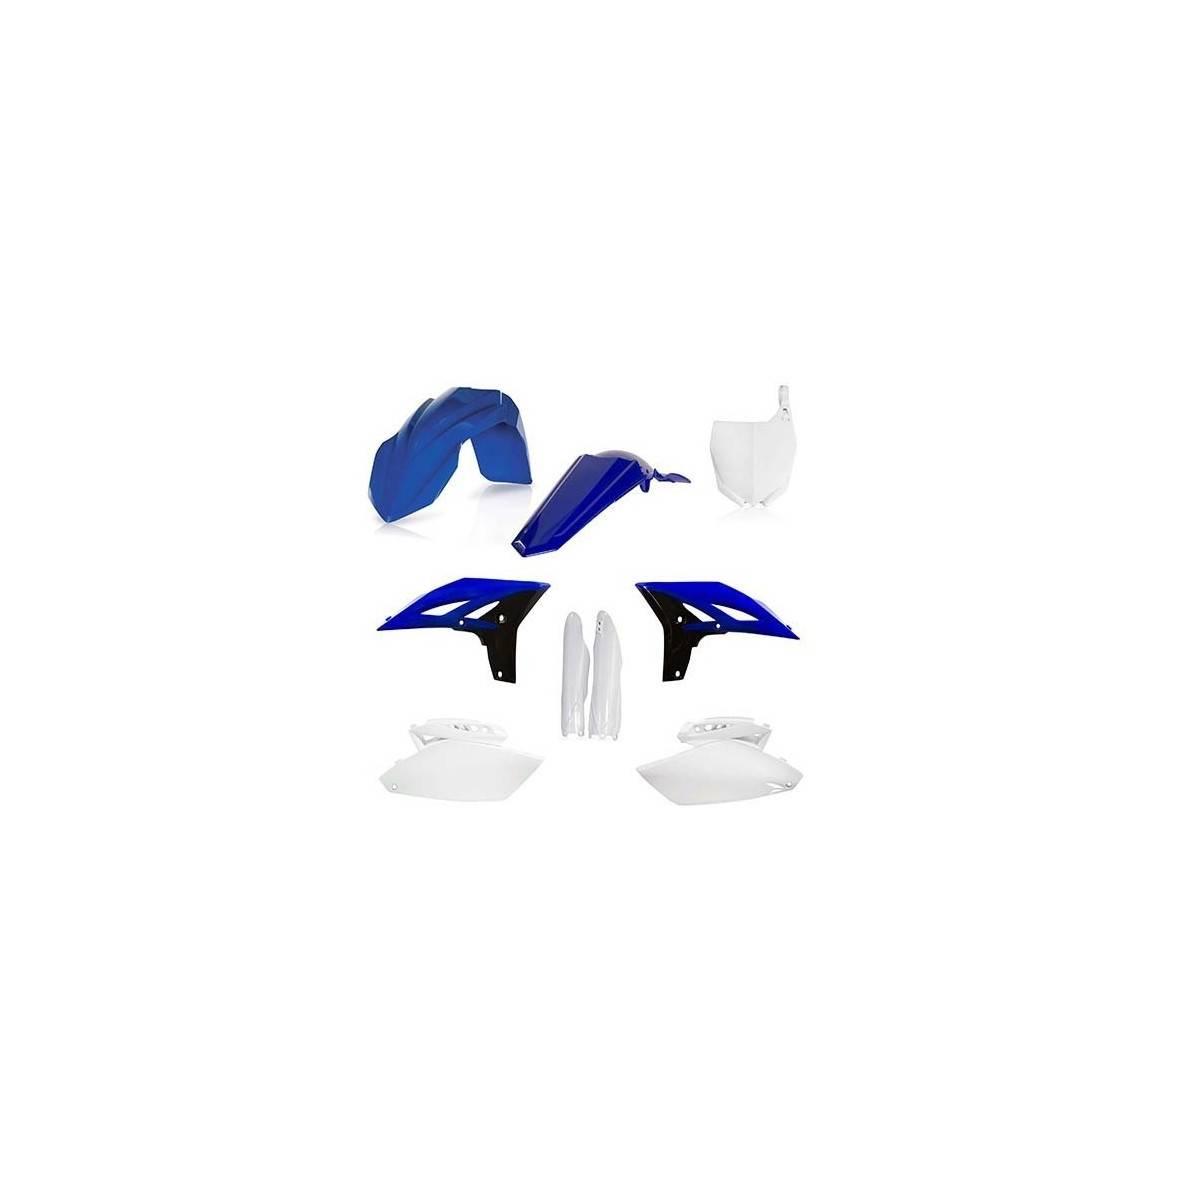 0023085-040 - Full Kit Plasticos Yz 250 18 Azul